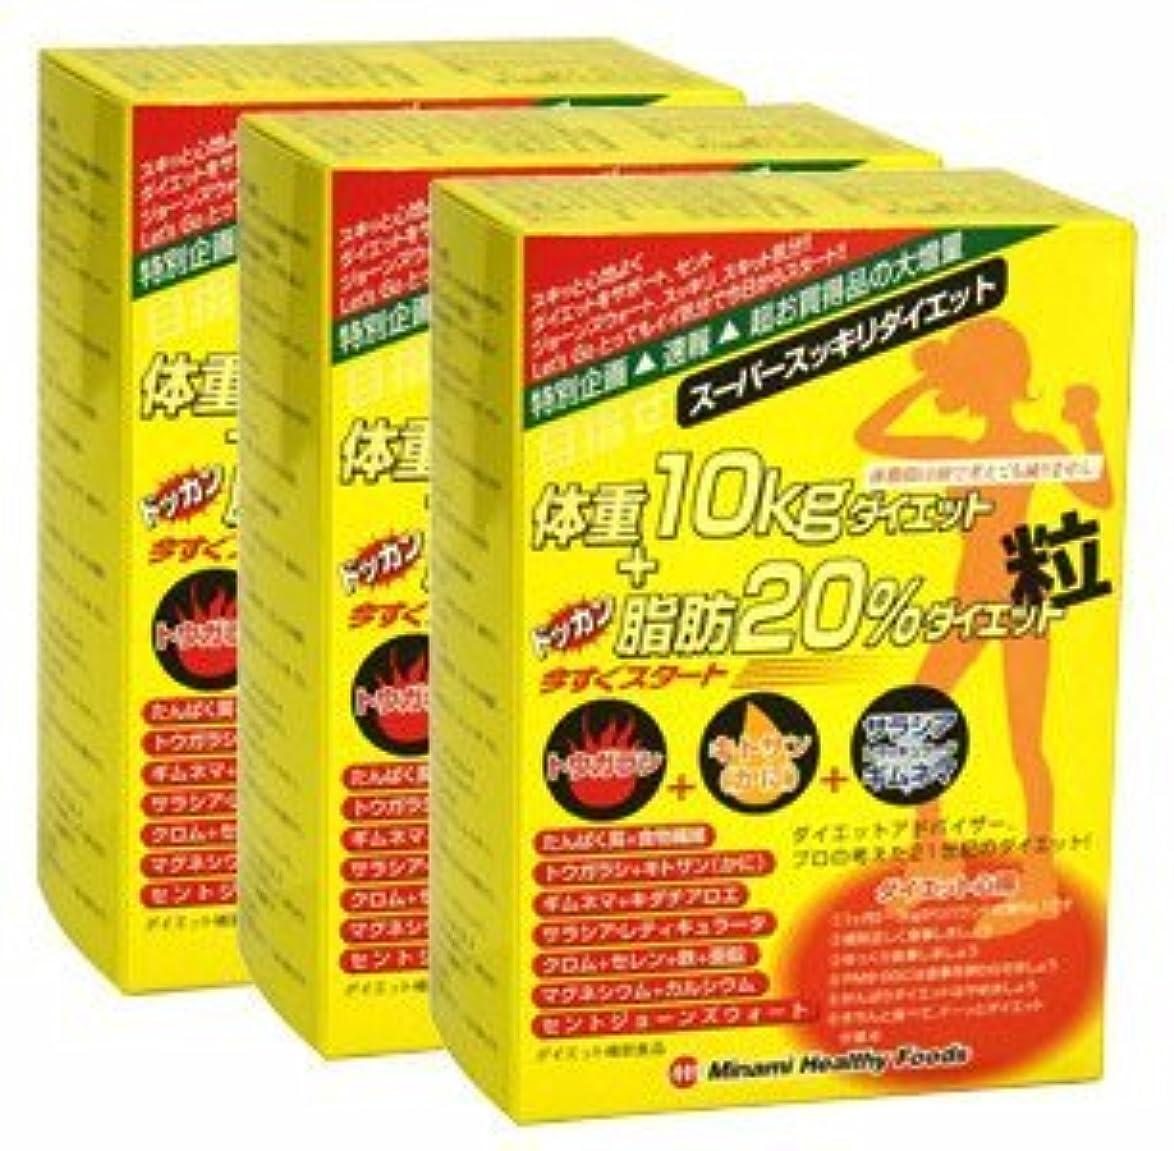 不調和交渉する誠意目指せ体重10kg+ドッカン脂肪20%ダイエット粒【3箱セット】ミナミヘルシーフーズ